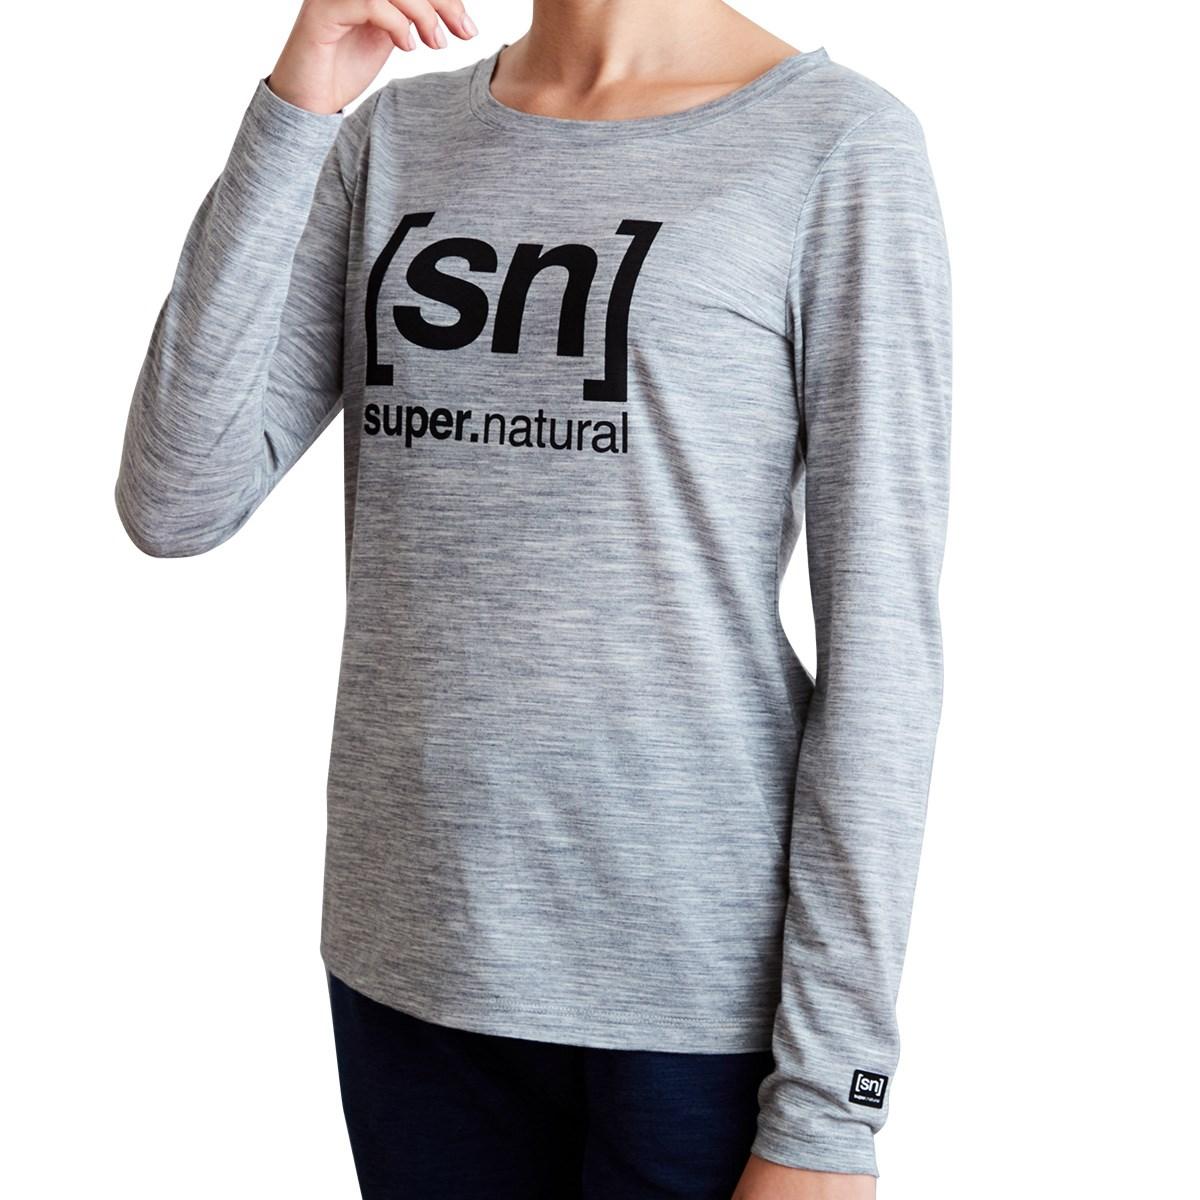 スーパーナチュラル [sn]super.natural ESSENTIAL I.D. 長袖Tシャツ S グレー杢 H83 レディス